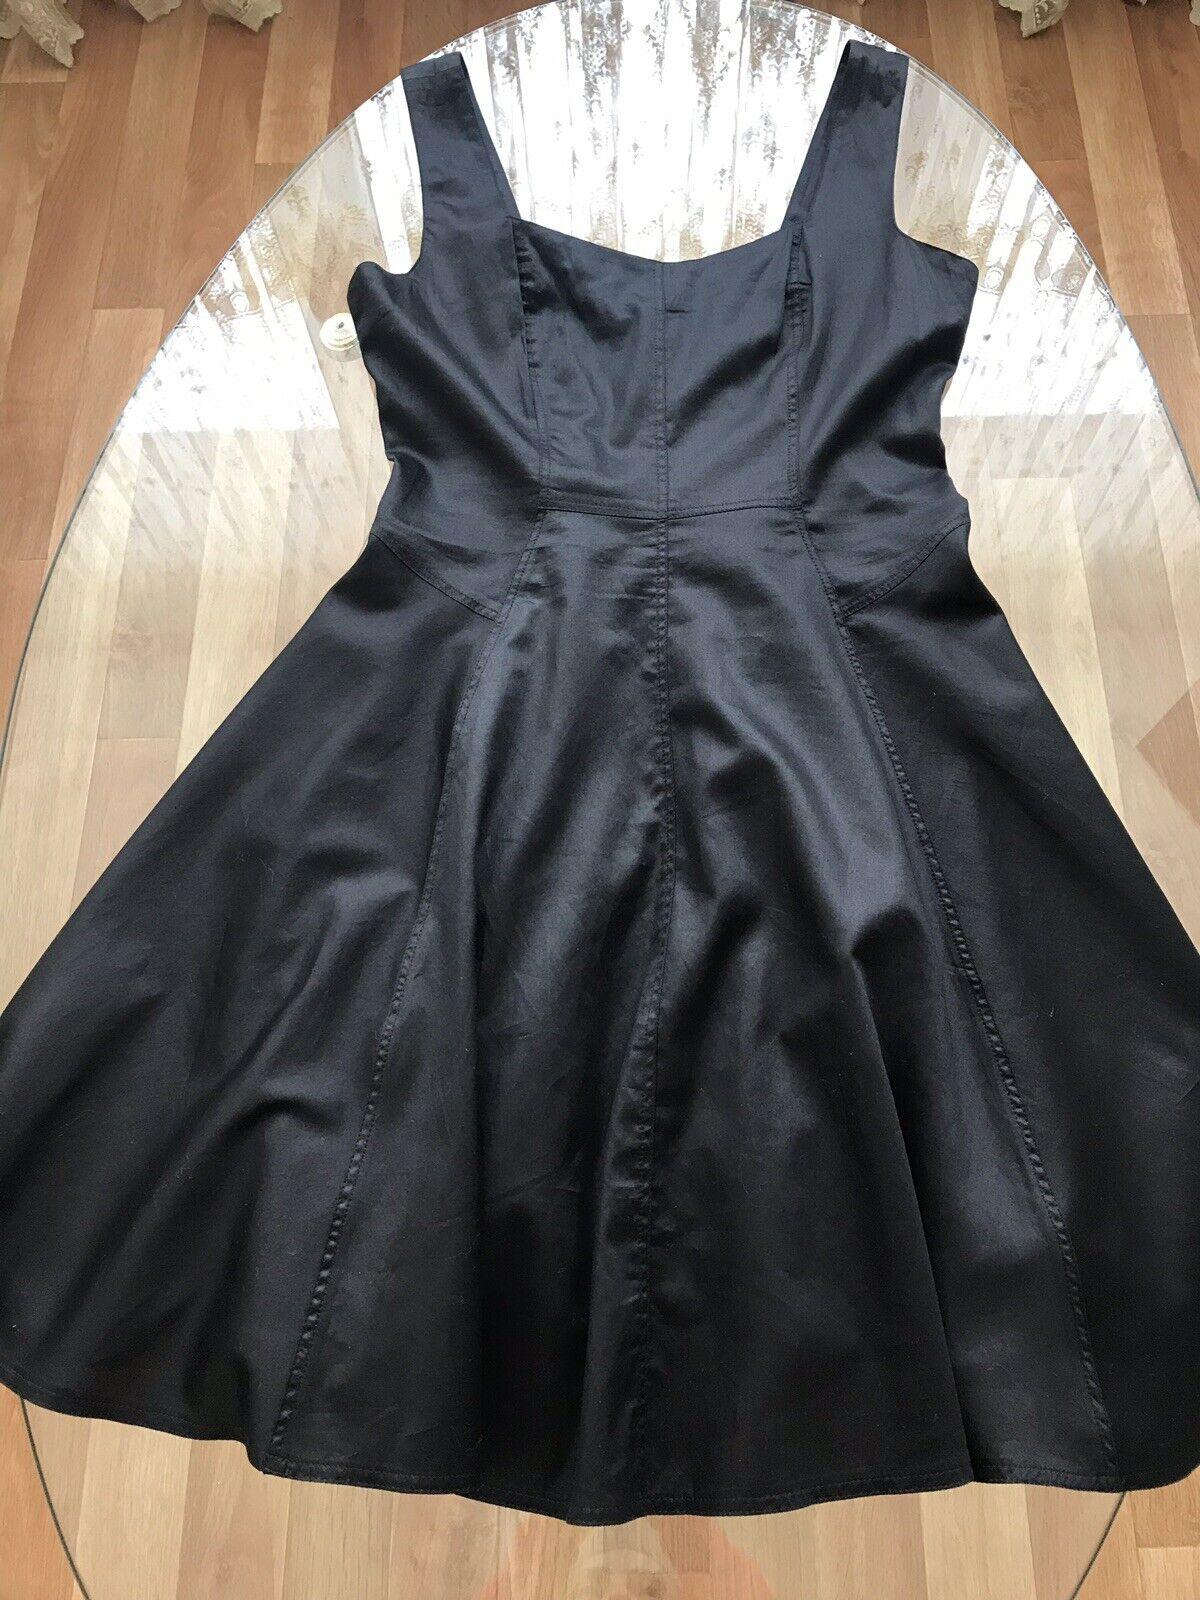 TARA JARMON   Kleid Abendkleid 40 42 M L Luxus schwarz ärmellos Baumwolle neu